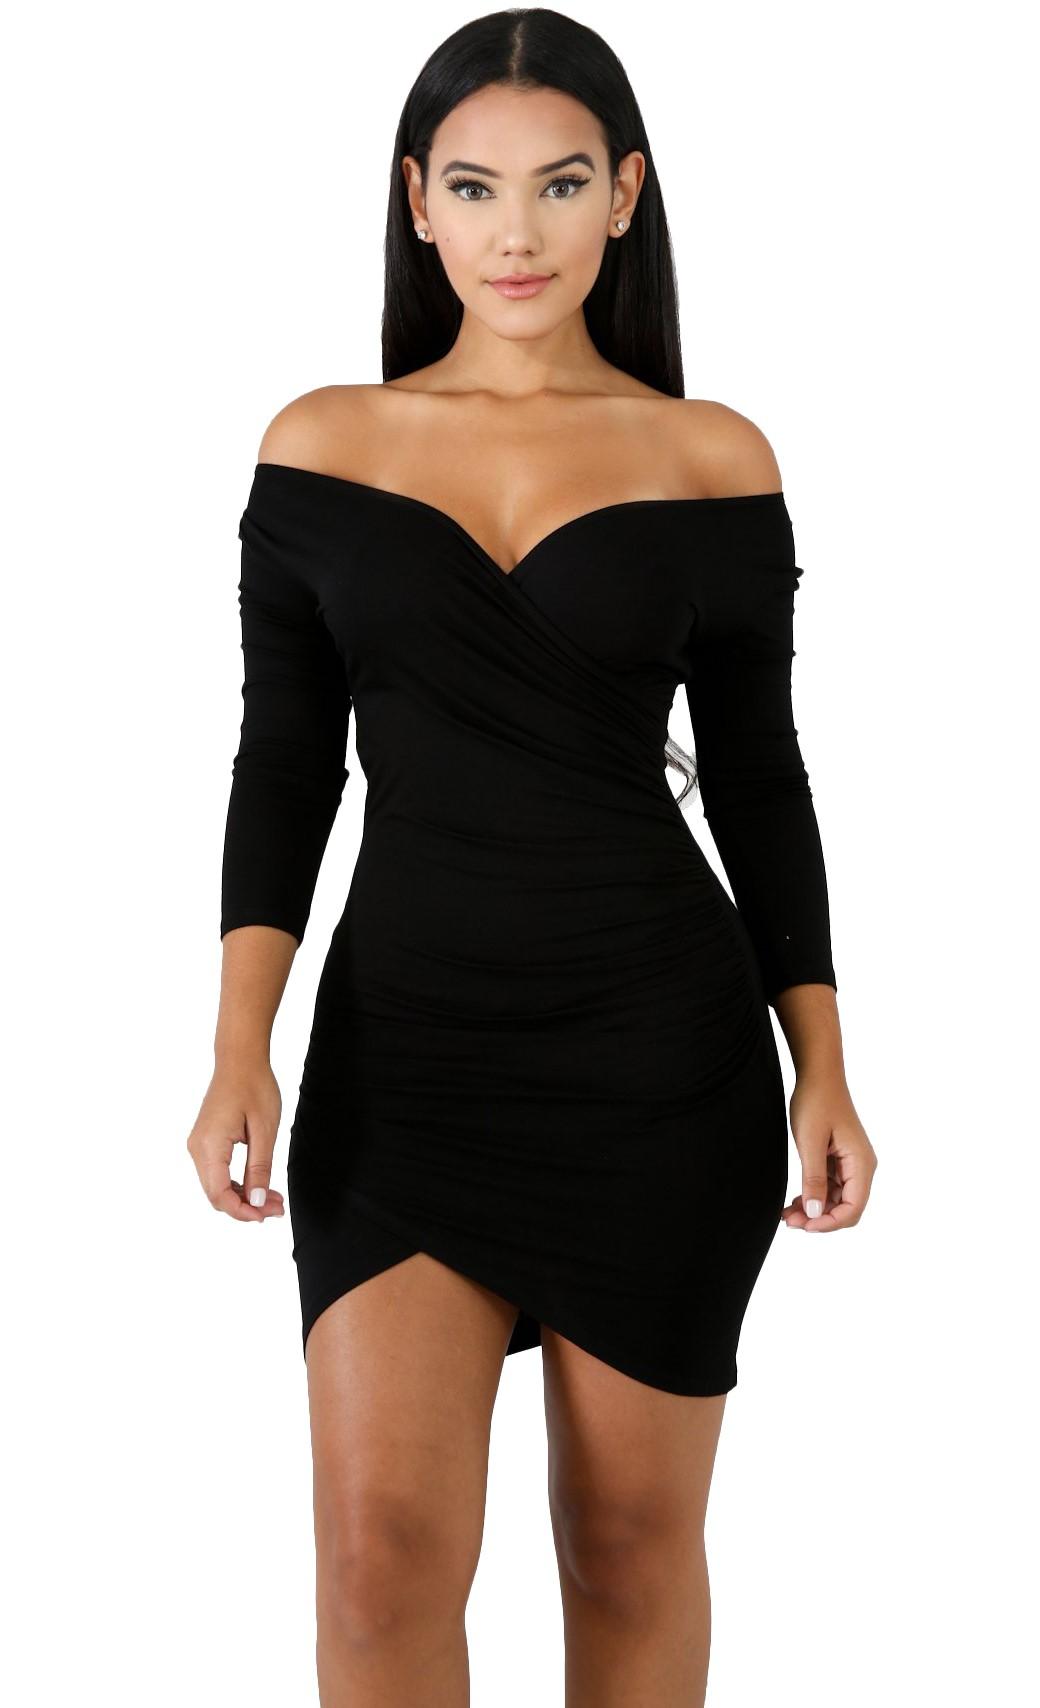 Black v neck bodycon dress on sale